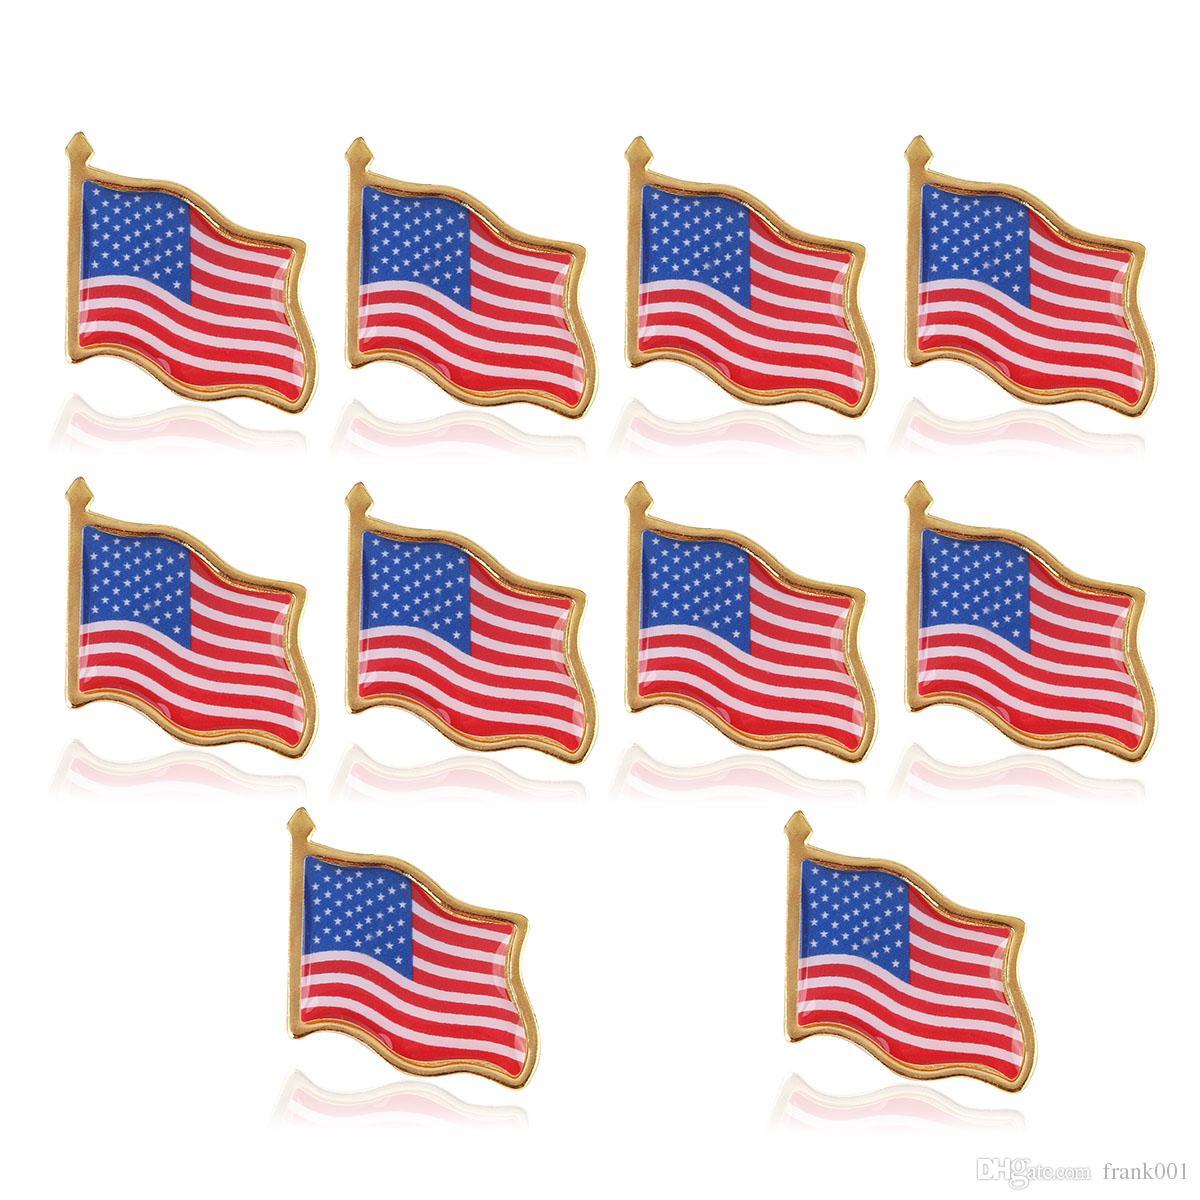 10 قطعة / الوحدة العلم الأمريكي التلبيب دبوس الولايات المتحدة الأمريكية قبعة التعادل تك شارة دبابيس مصغرة دبابيس للملابس حقائب الديكور